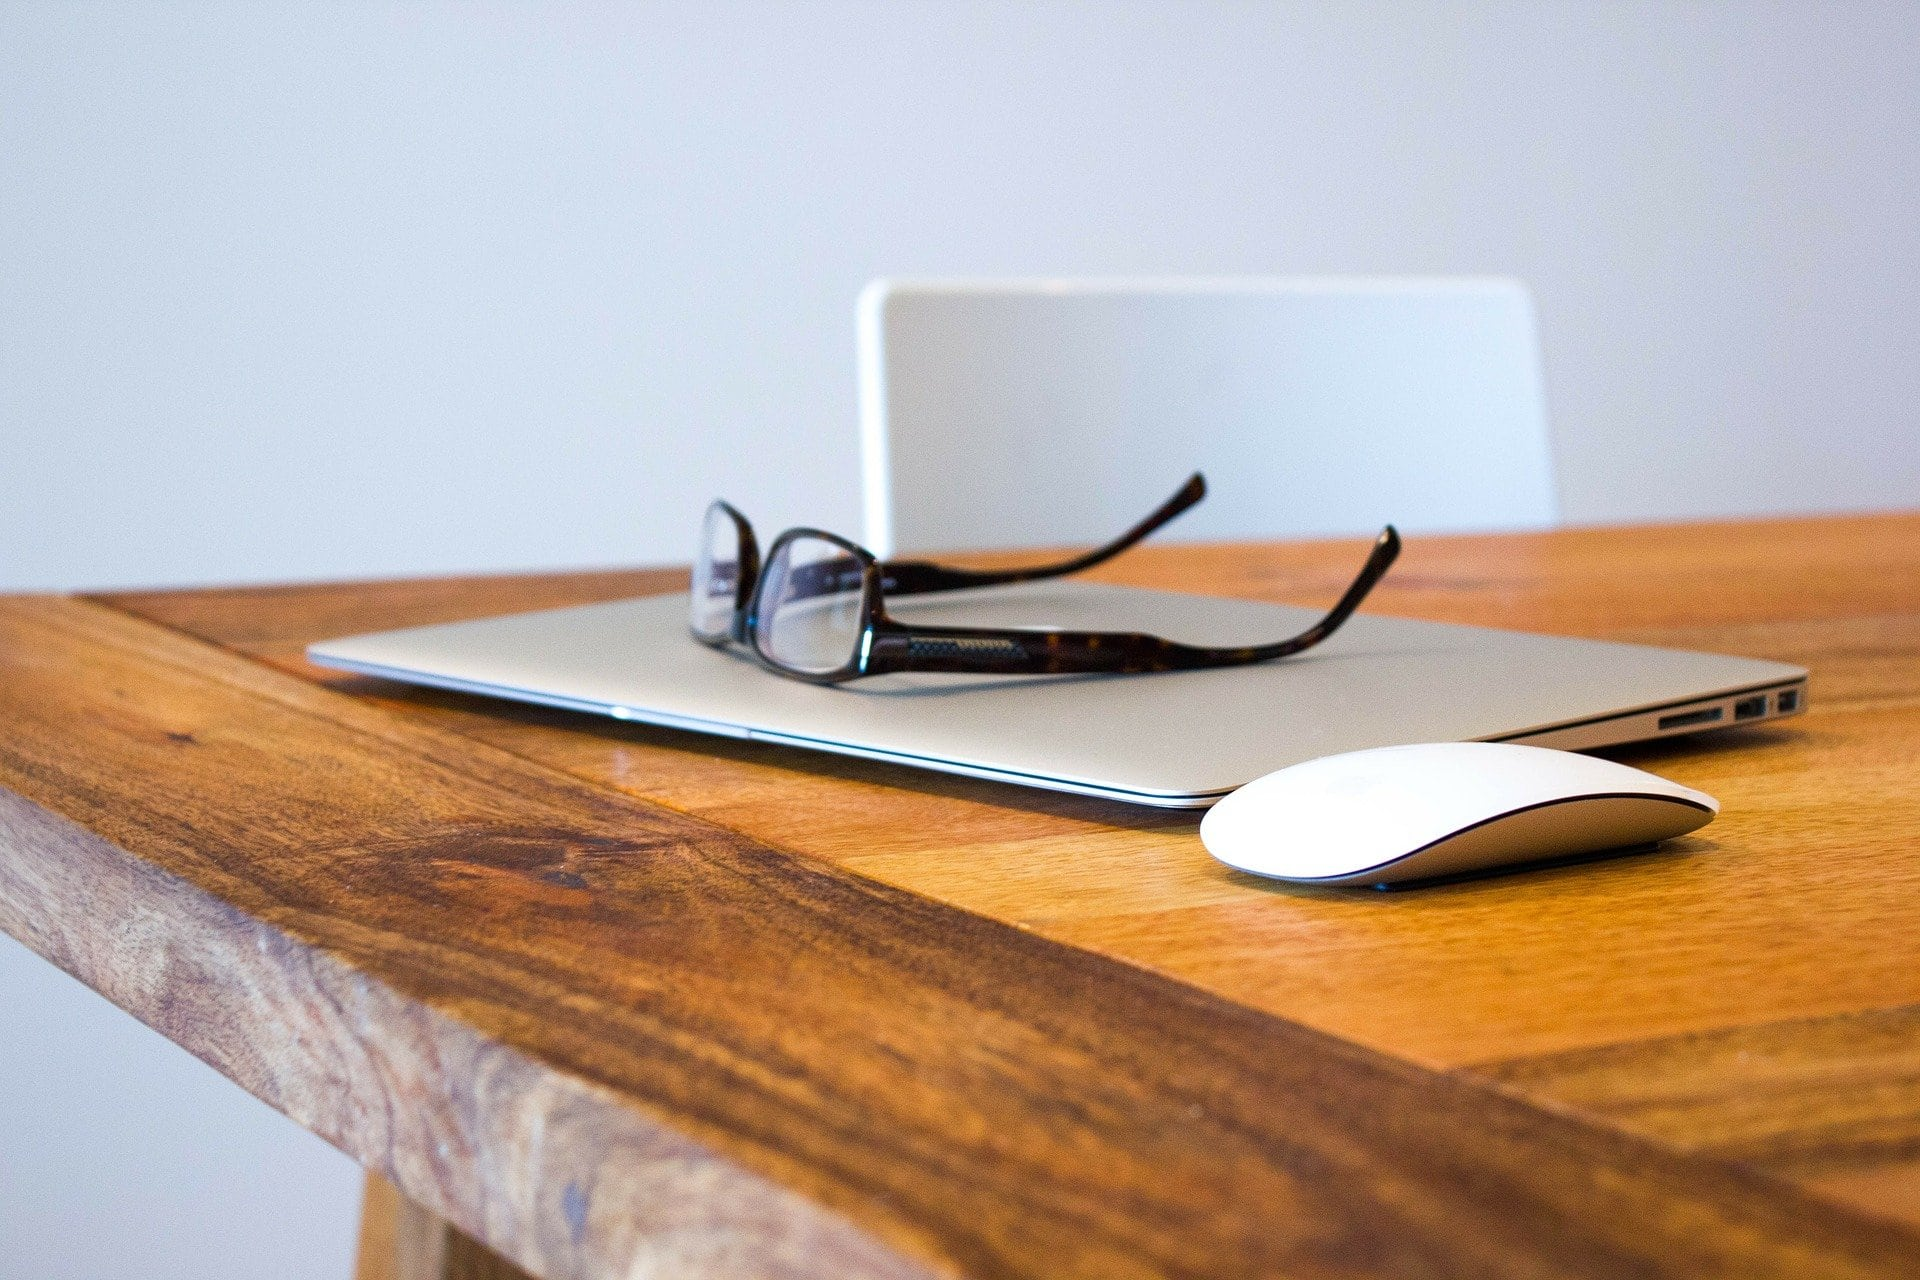 """Wertstoffhöfe sammeln brauchbare Laptops und Brillen für den guten Zweck """"Wertstoffpaten"""" herzlich willkommen"""